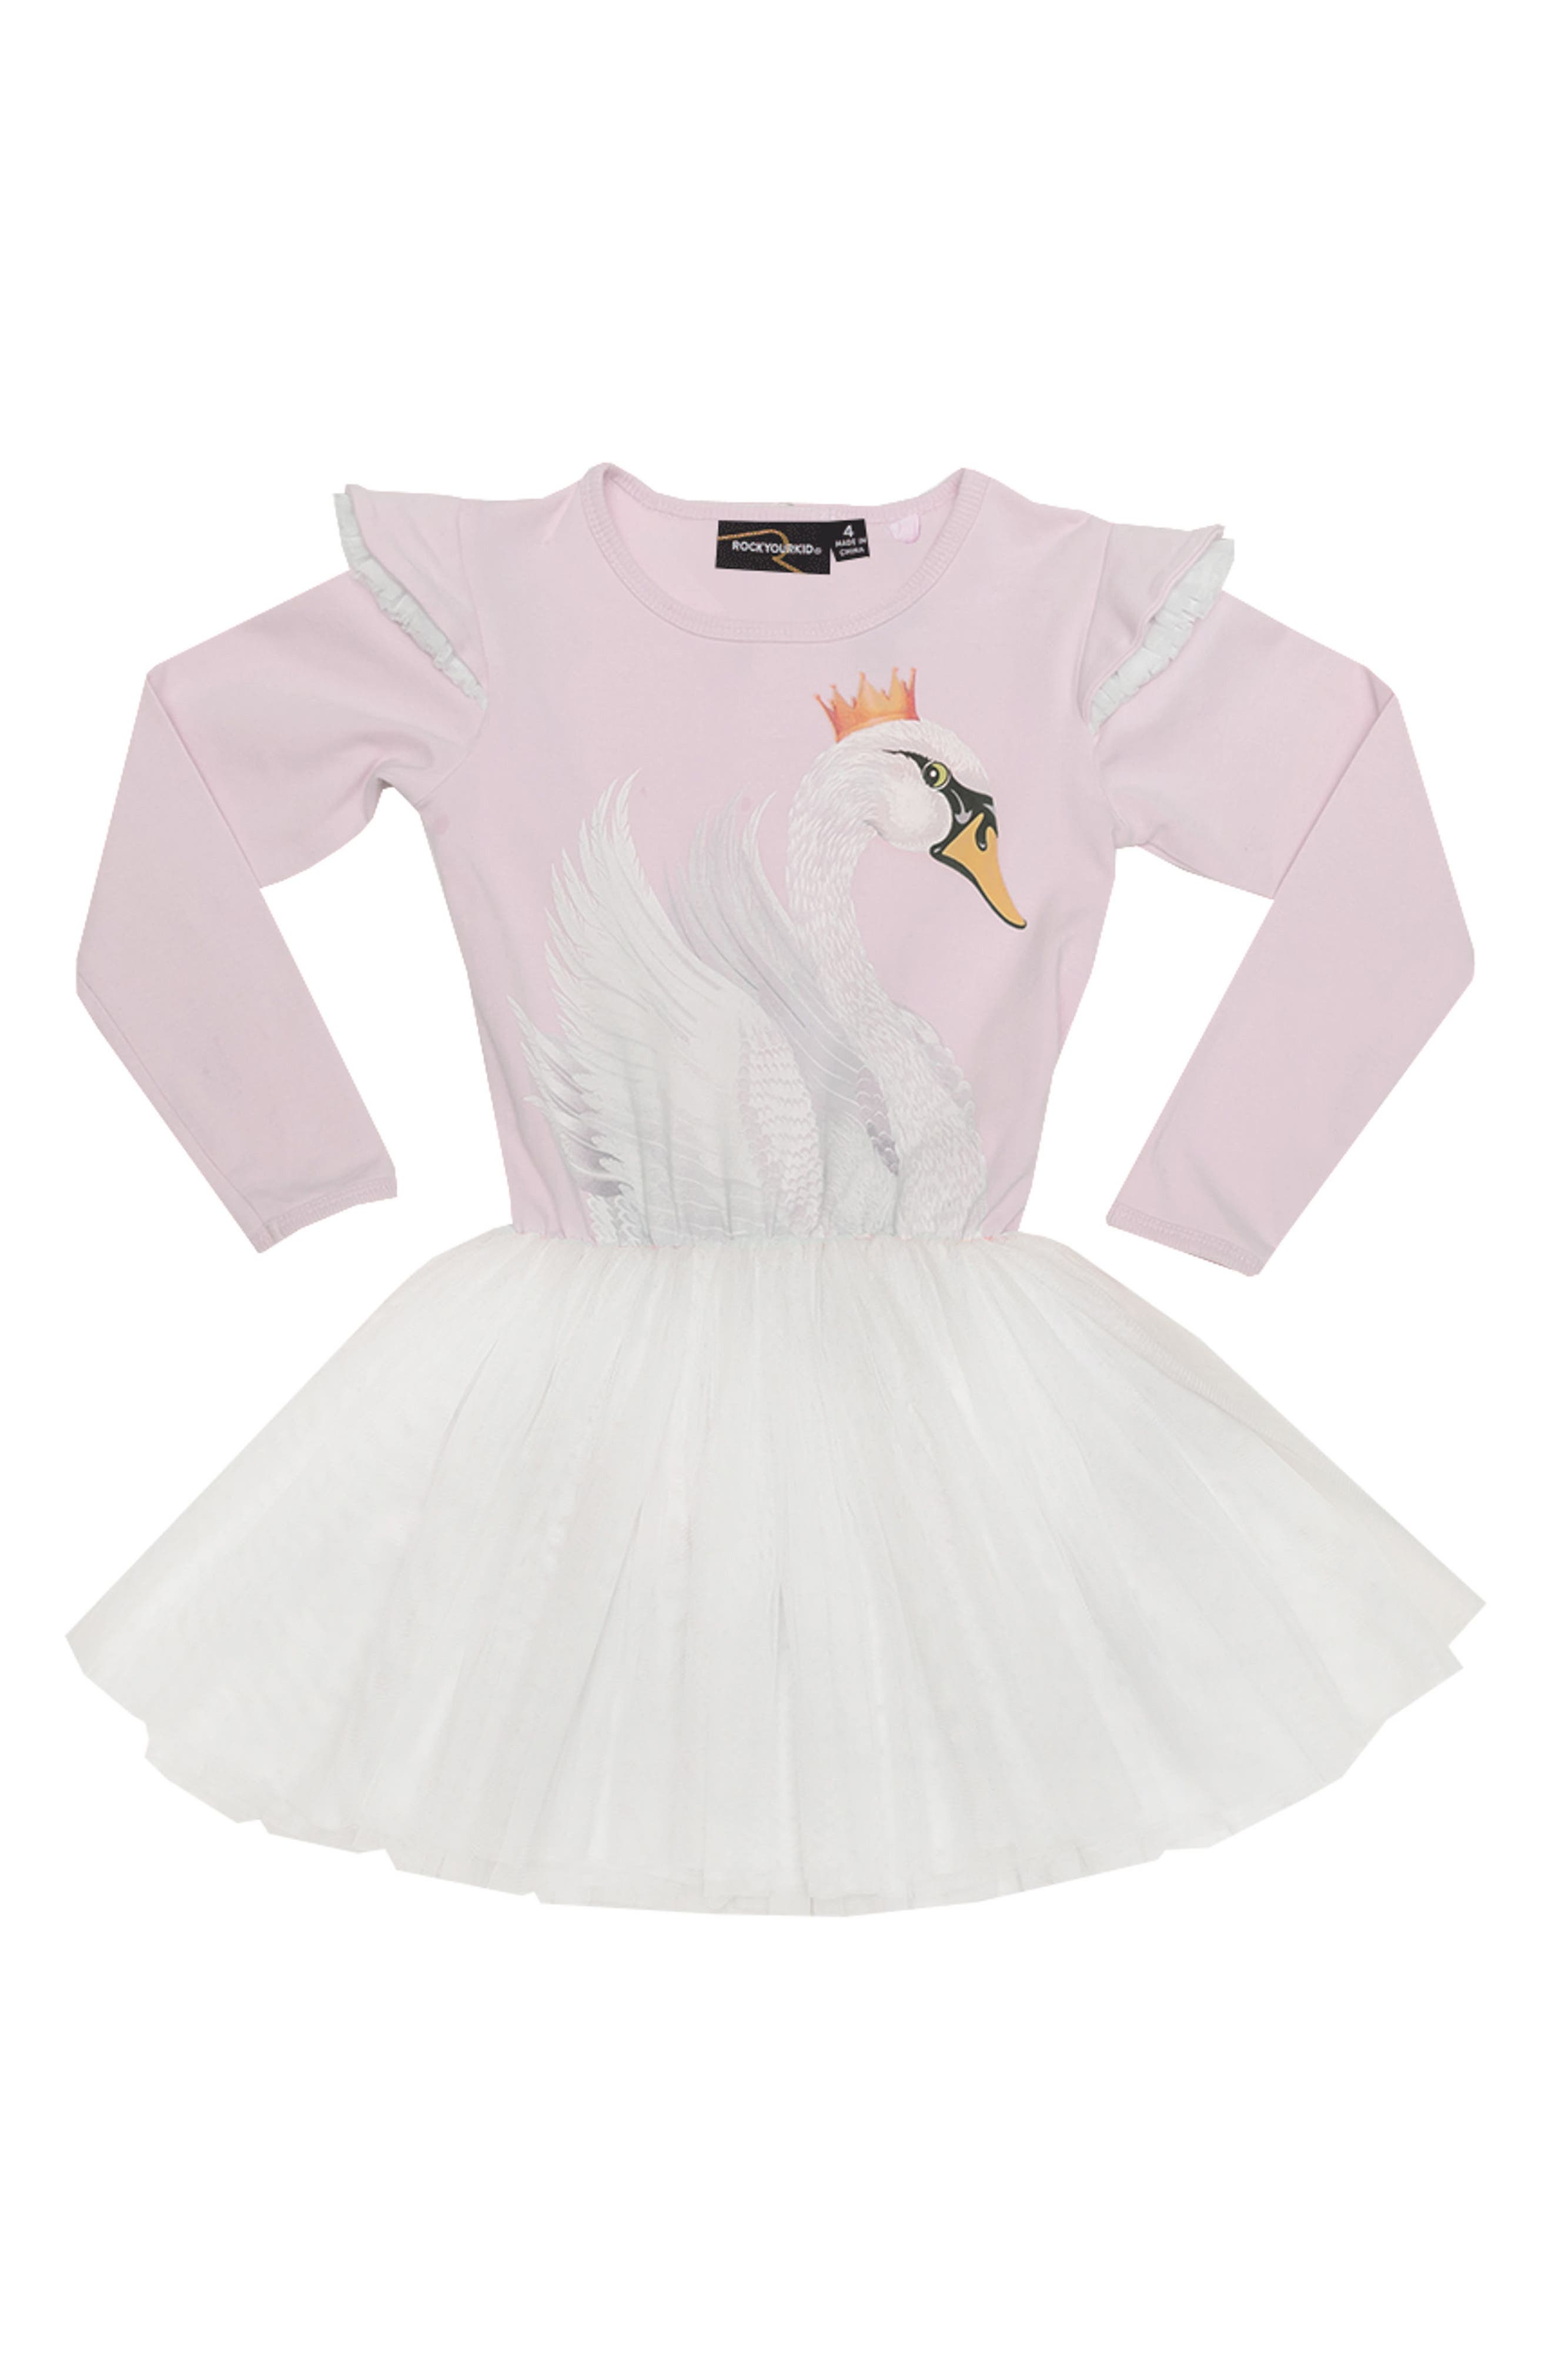 Rock Your Baby Swan Lake Circus Dress (Toddler Girls & Little Girls)